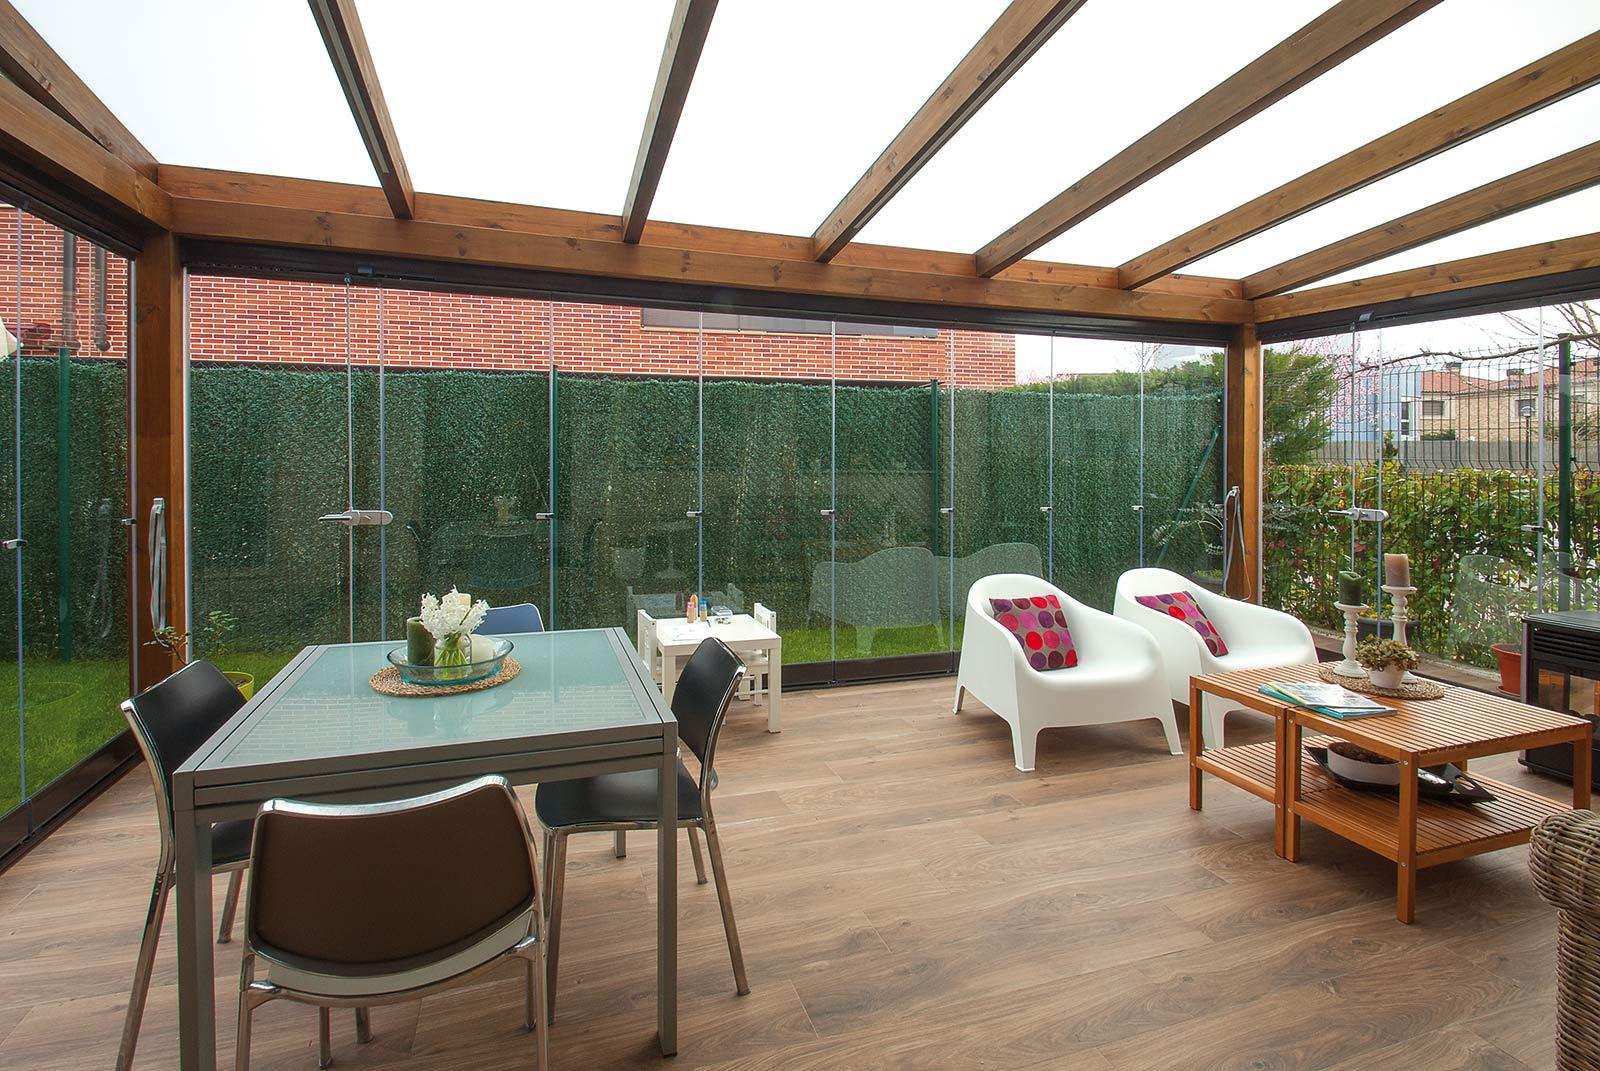 porche-jardin-madera-cristal-lumon-cerrado-abierto-2